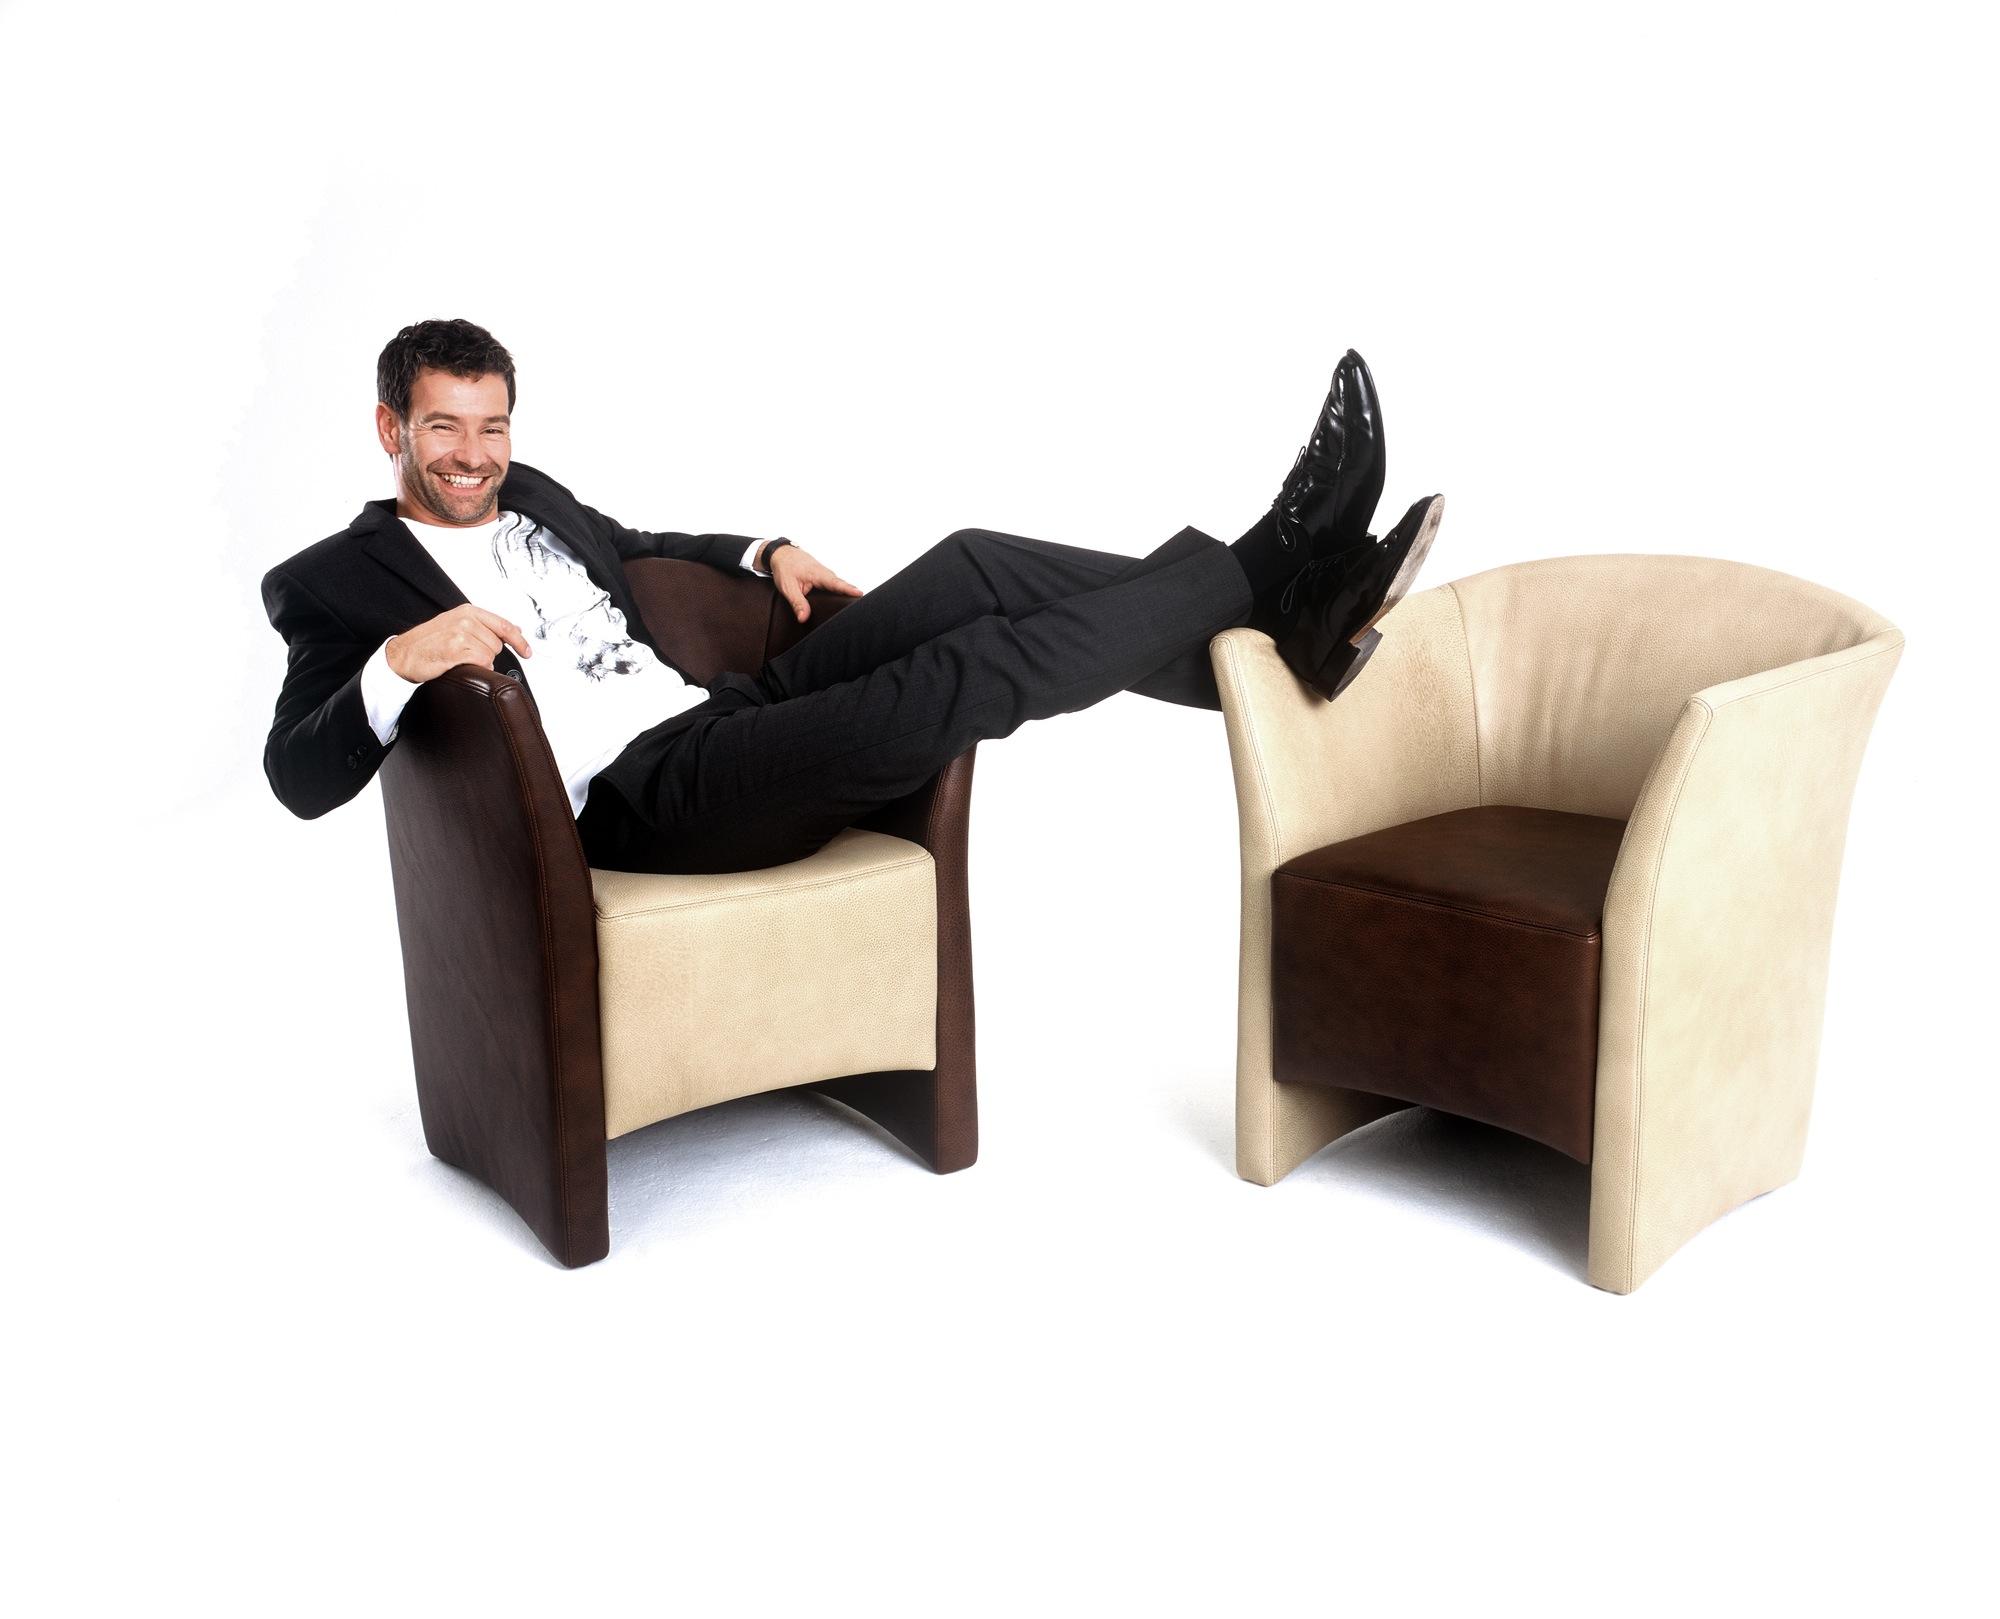 designer klaus hokamp und das wohnen auf zeit. Black Bedroom Furniture Sets. Home Design Ideas